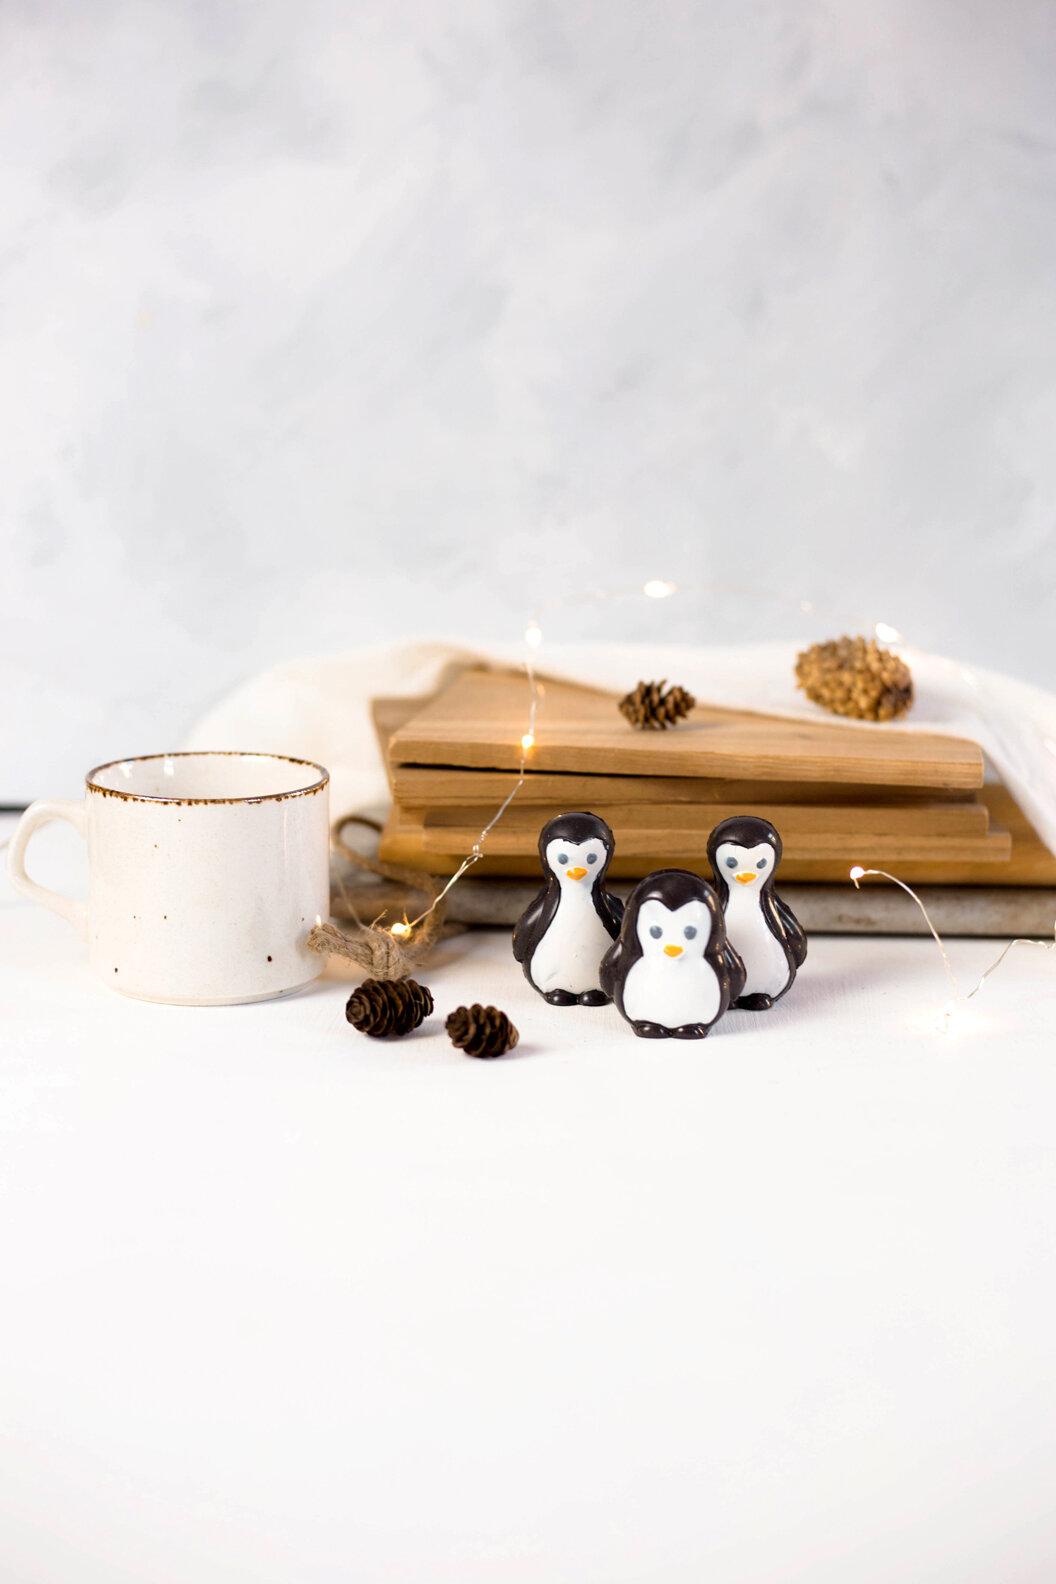 penguins_Carousel.jpg